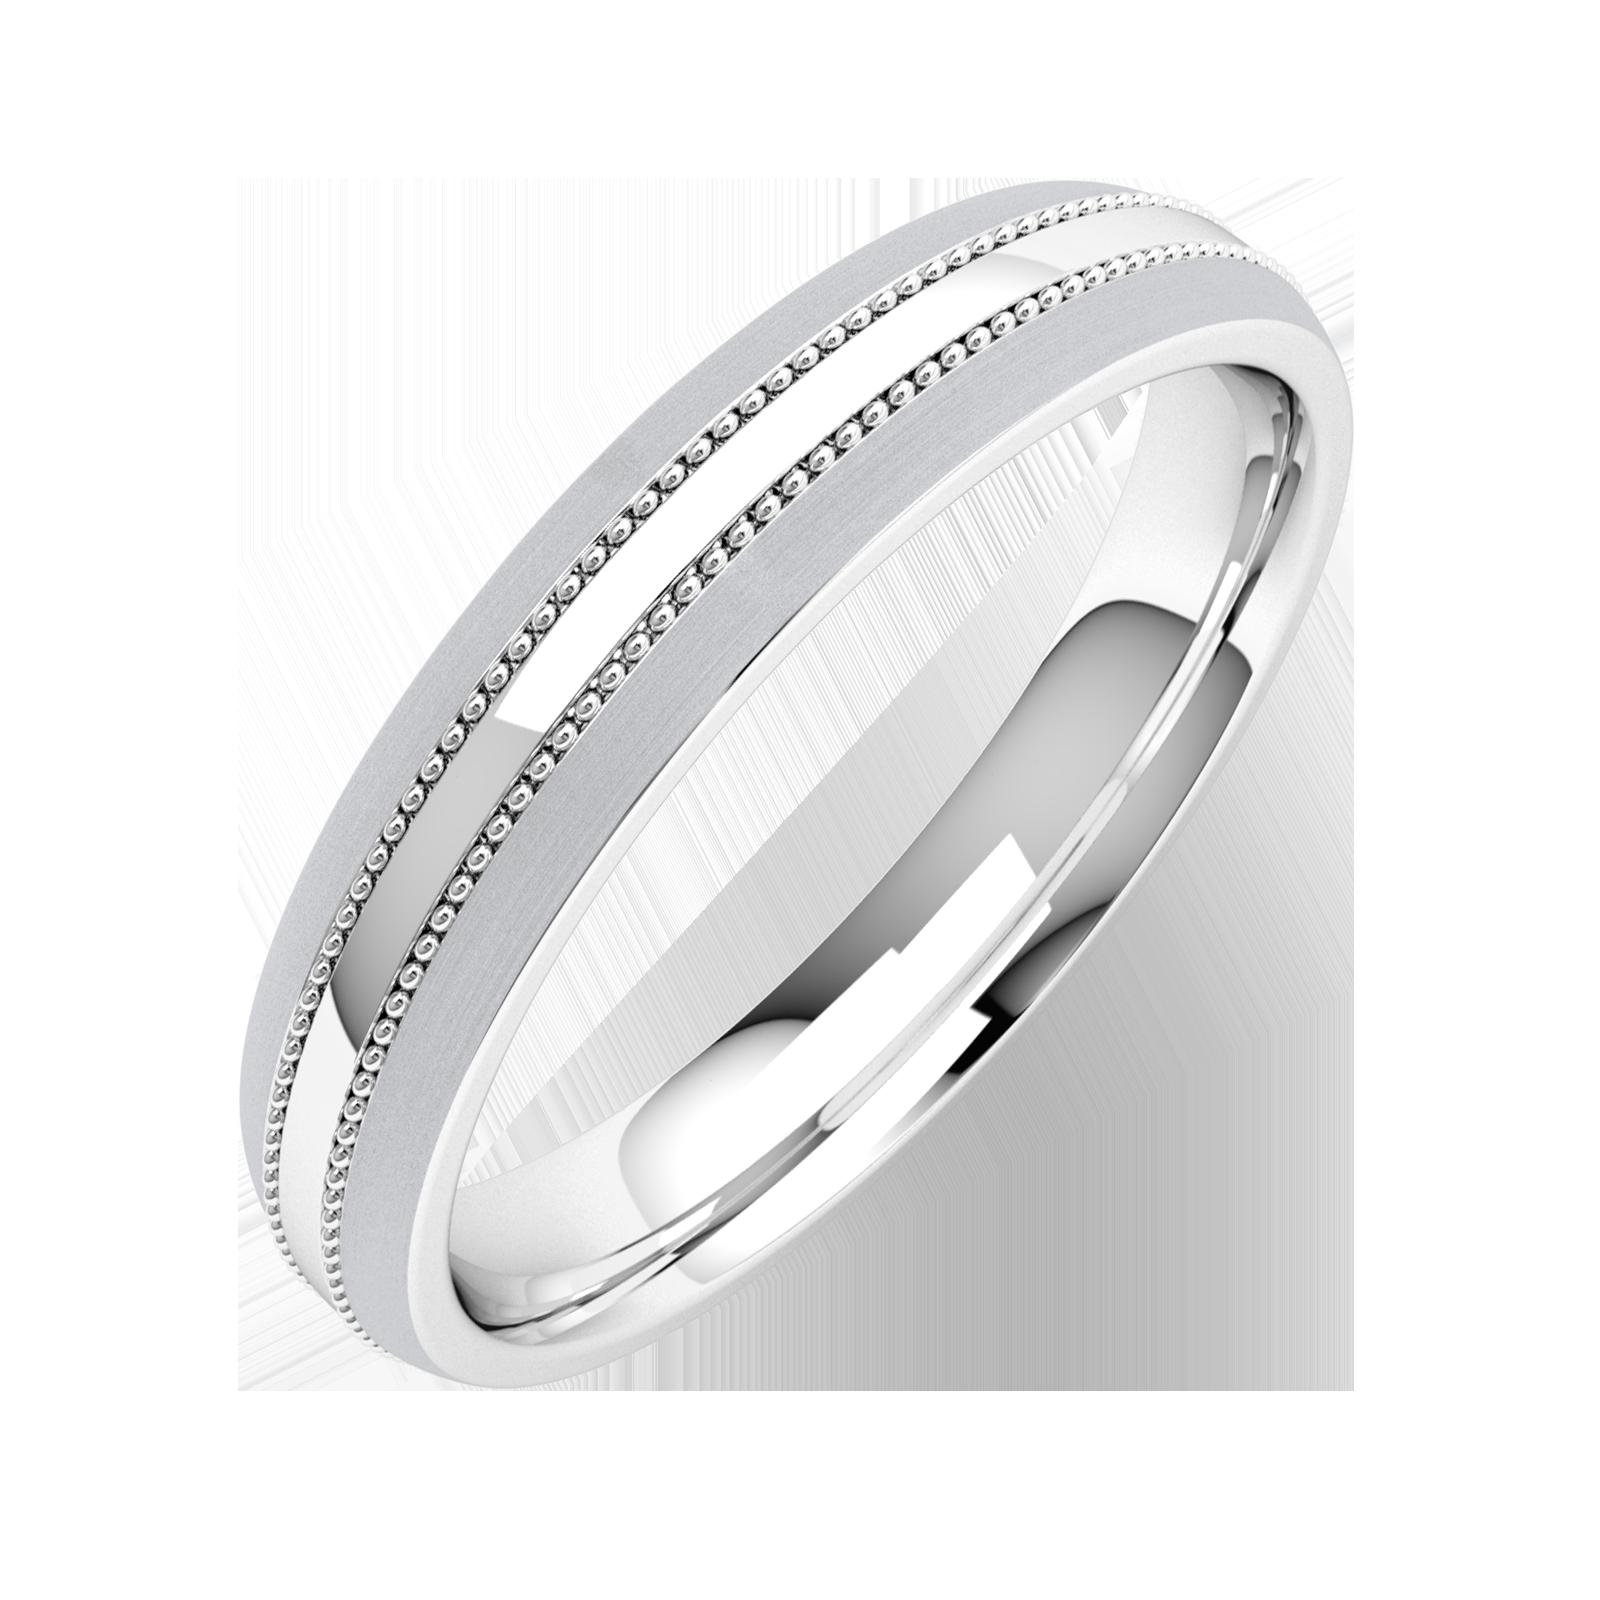 Einfacher Ehering für Dame in Palladium mit Milgrain Design, Schwergewicht, mit einem polierten/gebürsteten Finish-img1